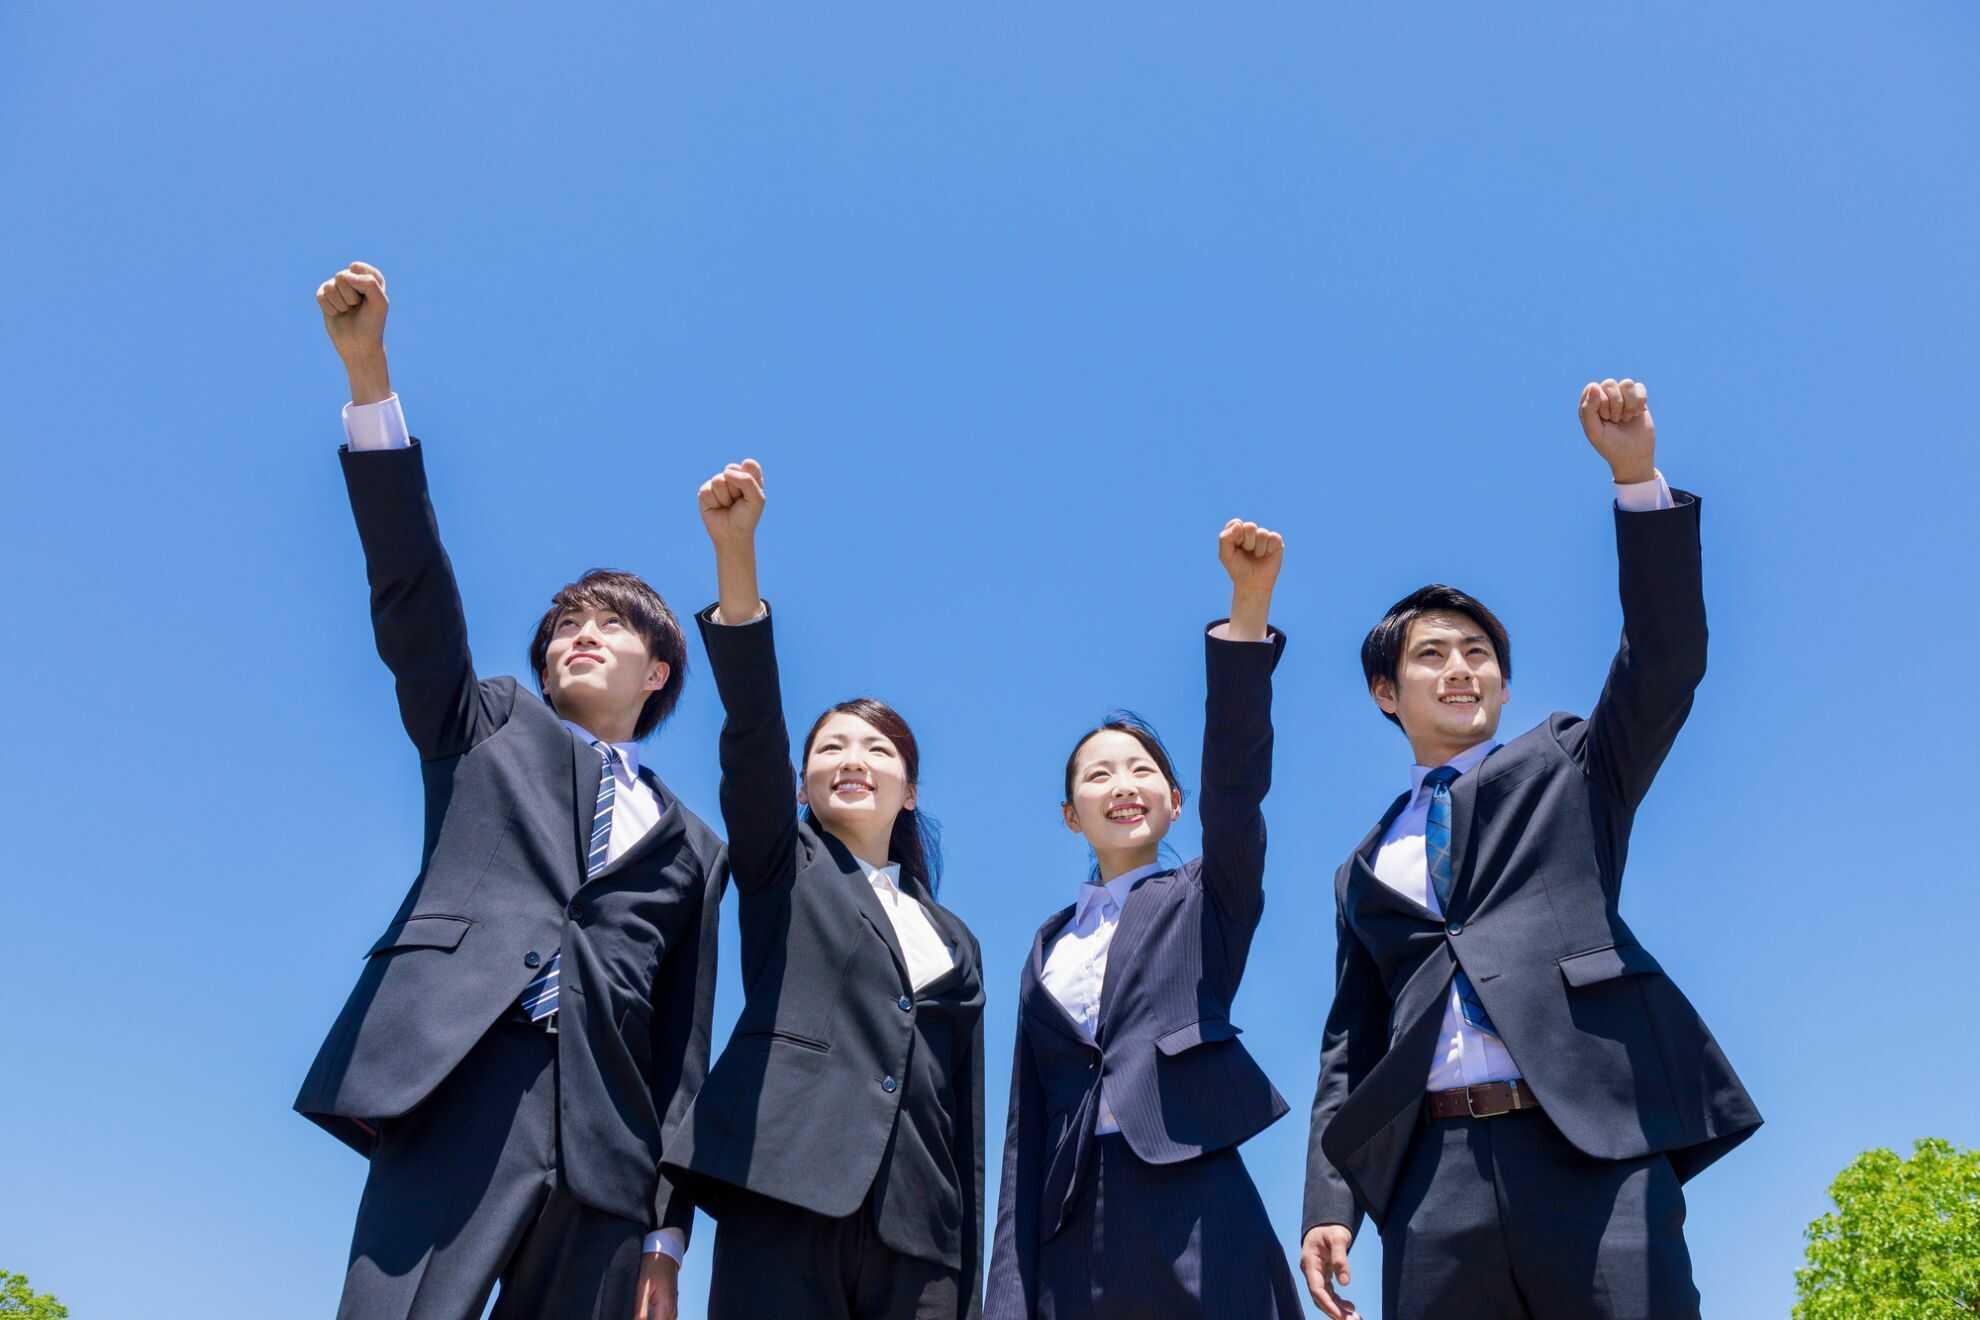 こぶしを掲げて立っている4人のビジネスパーソン